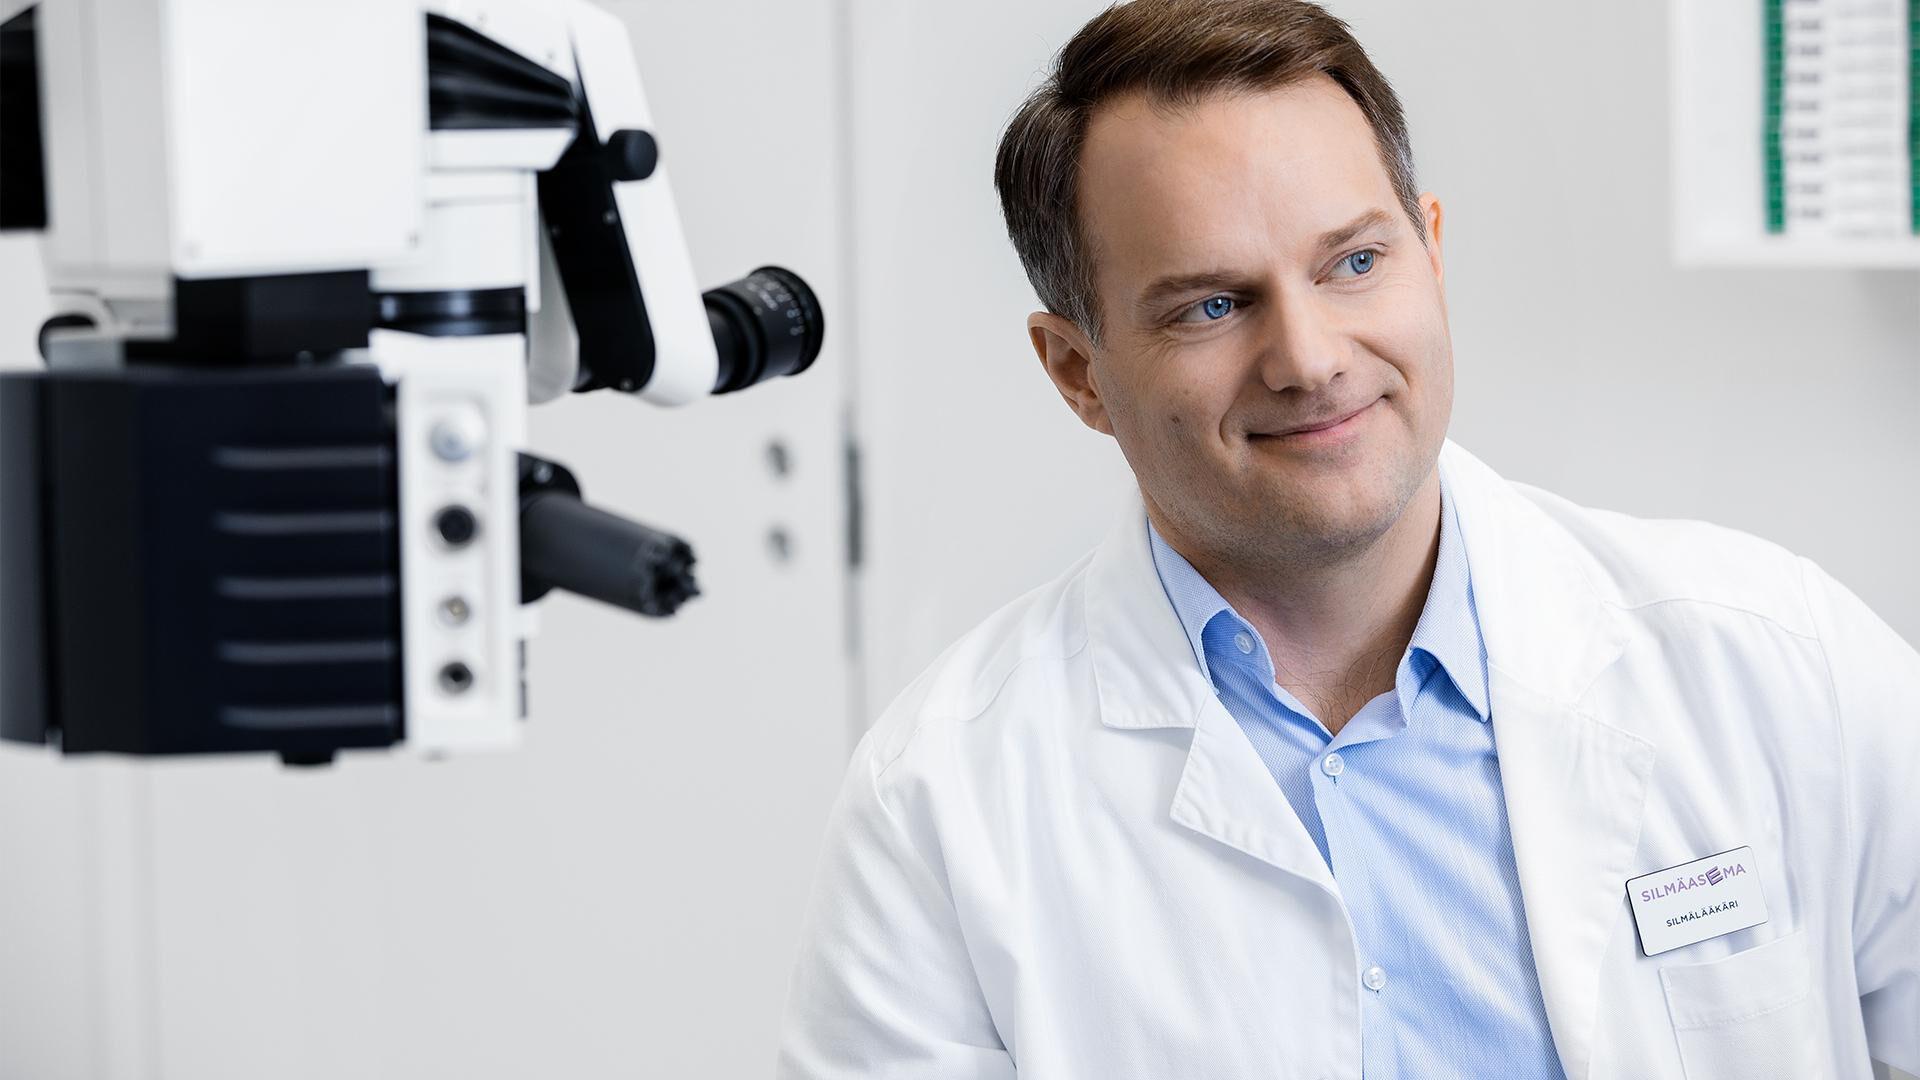 40-vuotiaan näöntarkastukseen kuuluu myös glaukoomatutkimus